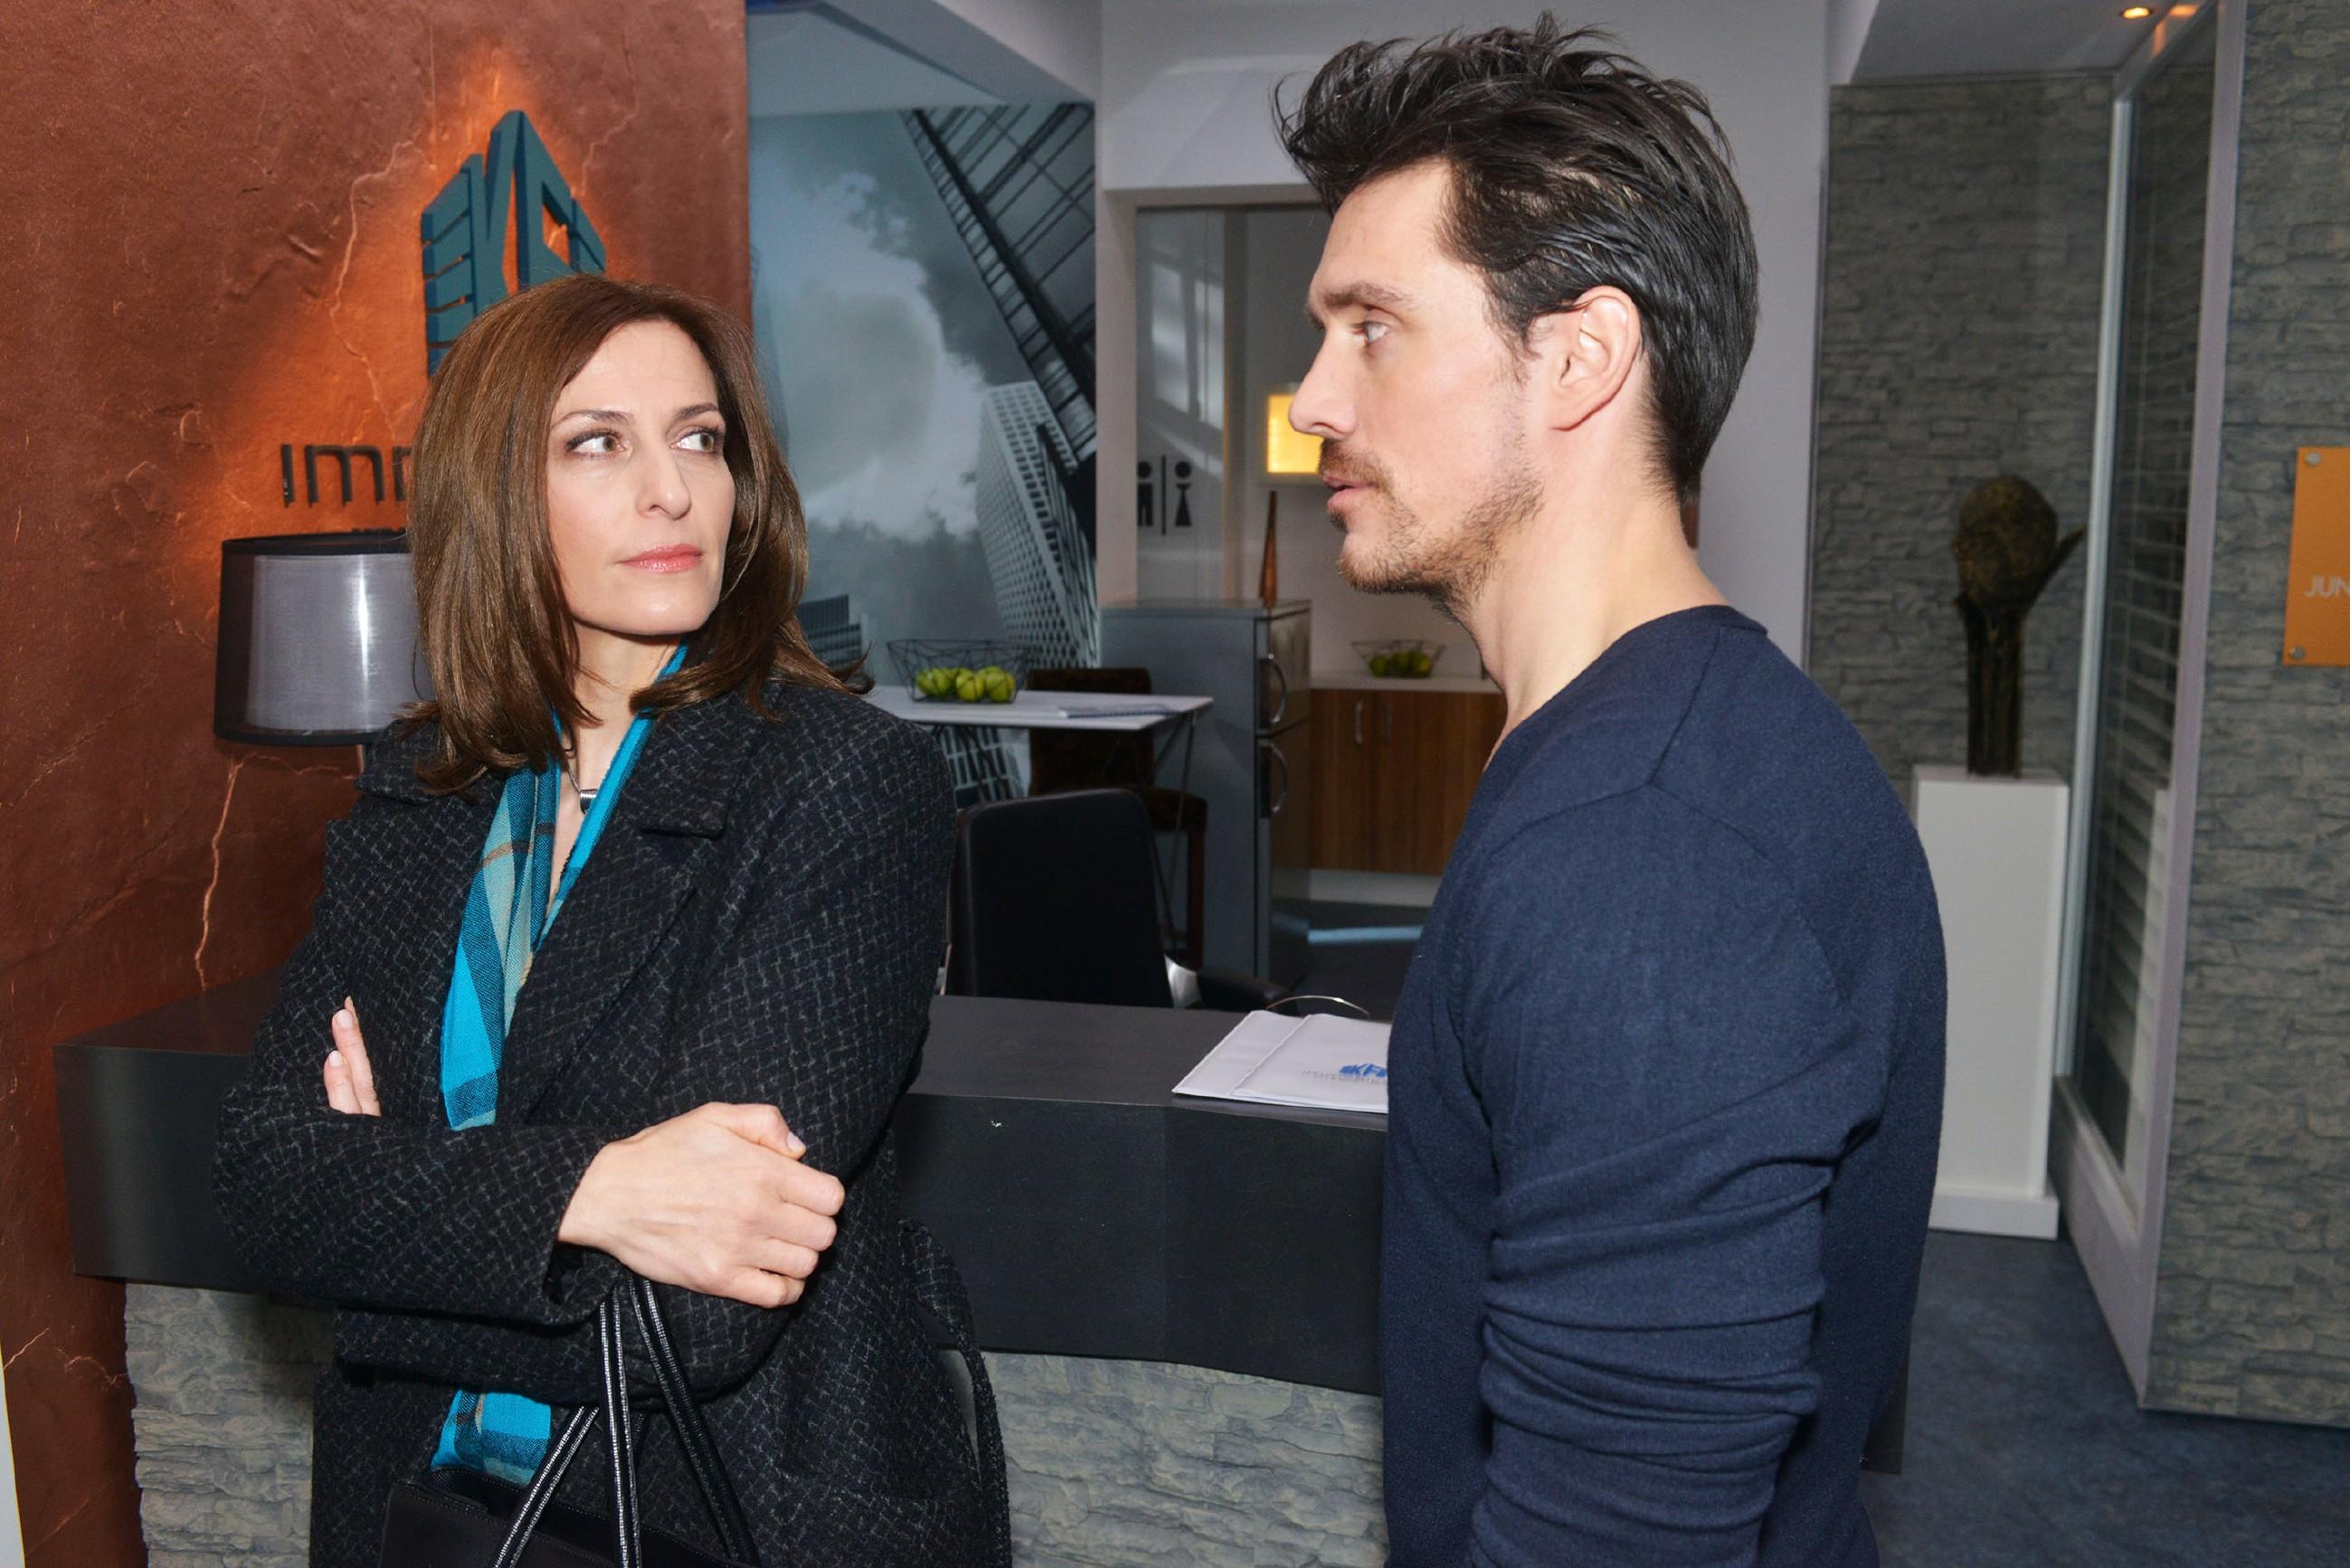 Als für Katrin (Ulrike Frank) klar wird, dass nur David (Philipp Christopher) der anonyme Tippgeber sein kann, beschließt sie auf Plan B zurückzugreifen, um David endlich loszuwerden... (Quelle: RTL / Rolf Baumgartner)